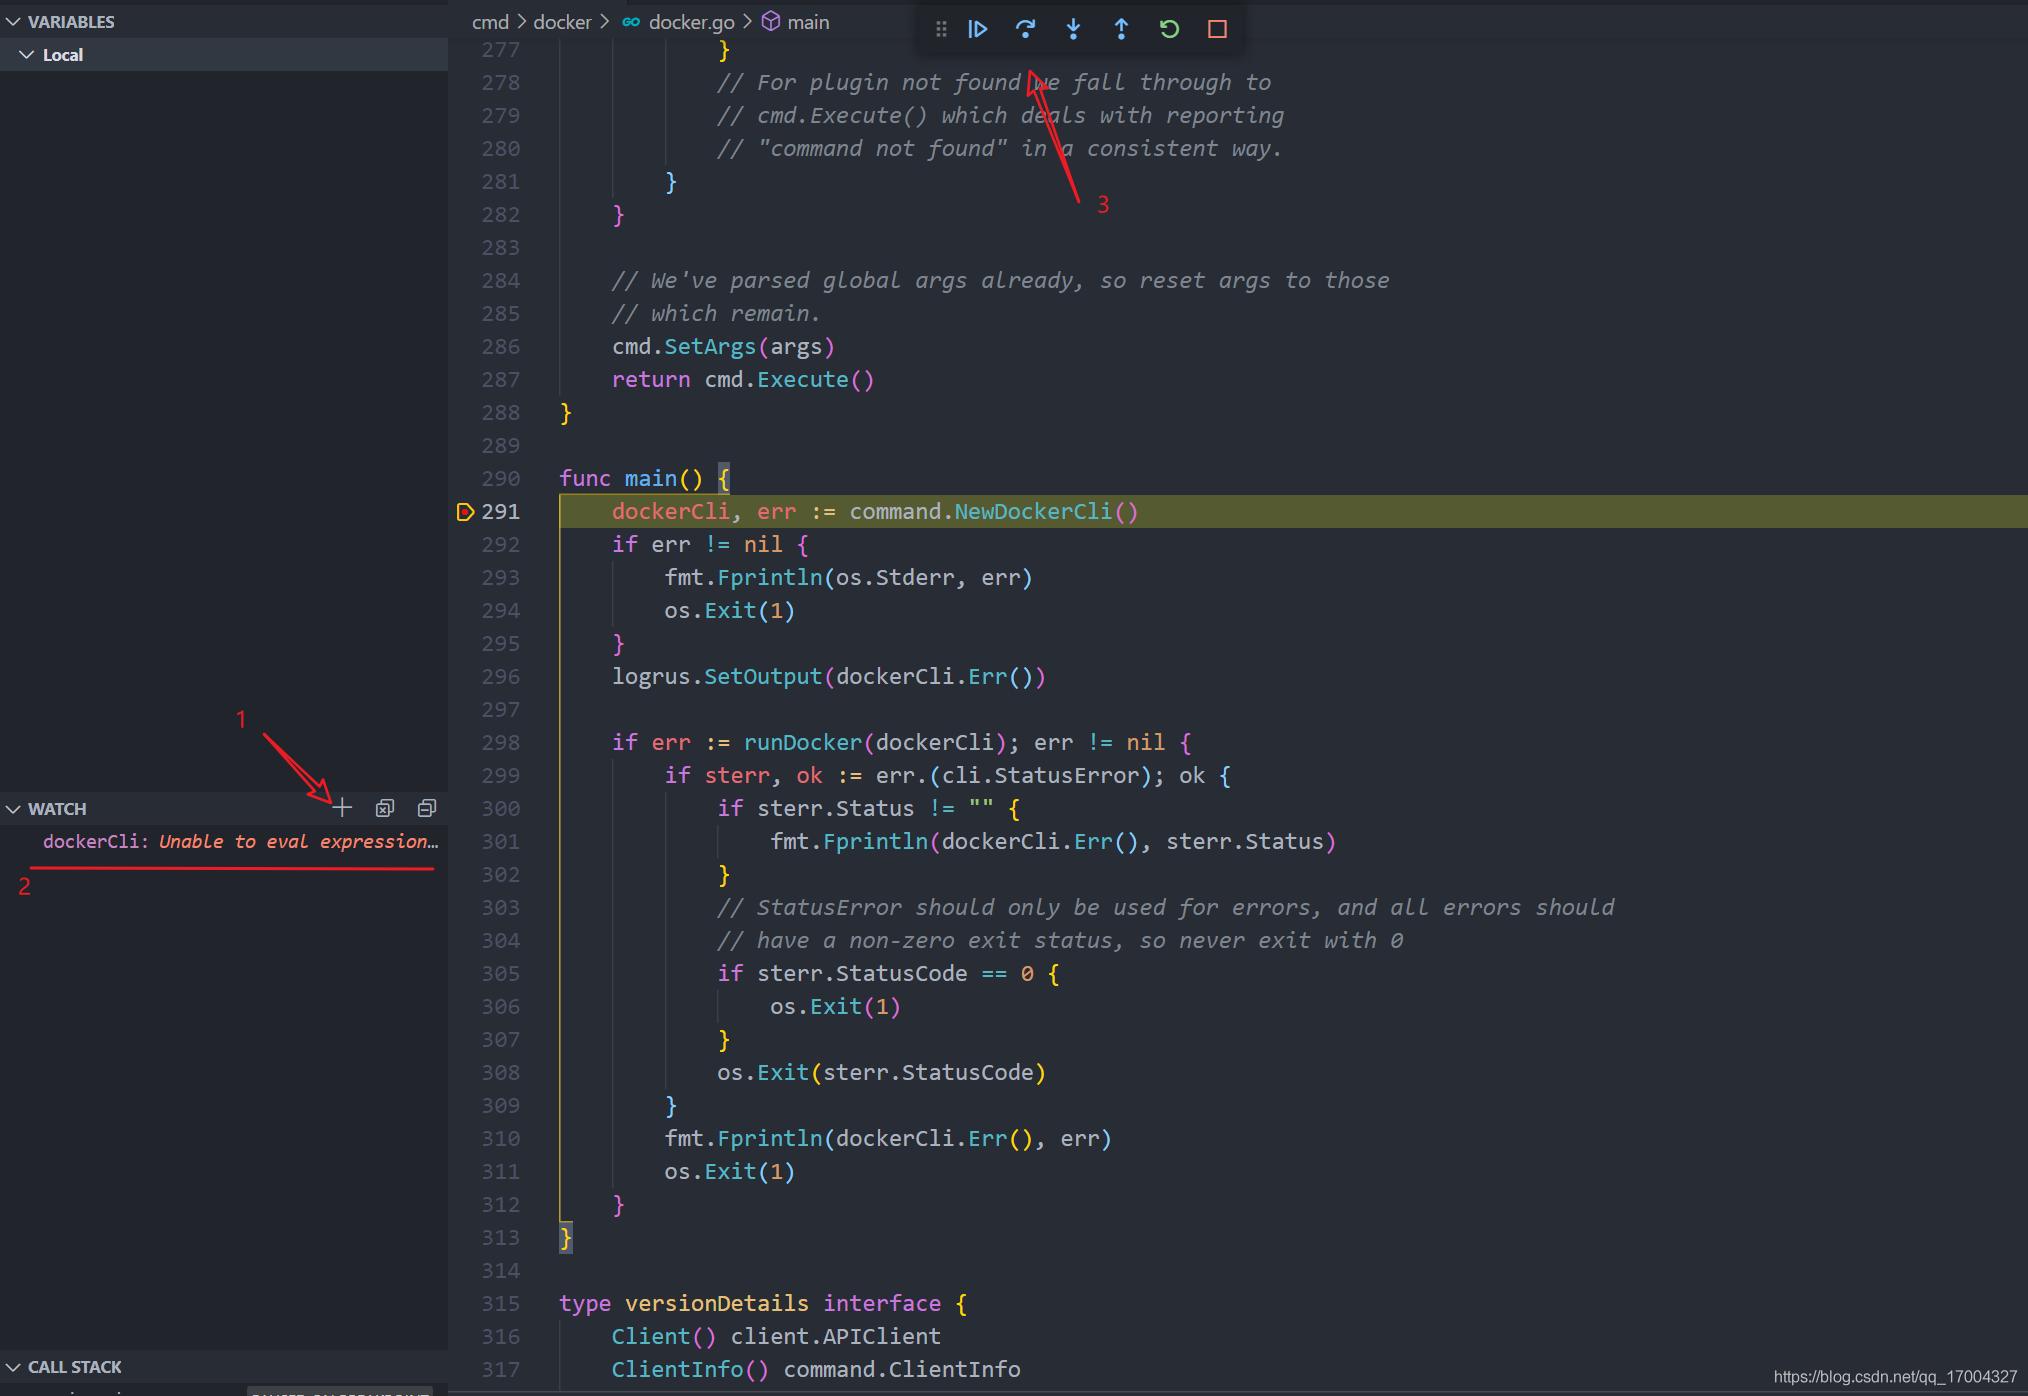 docker/cli 设置观察变量